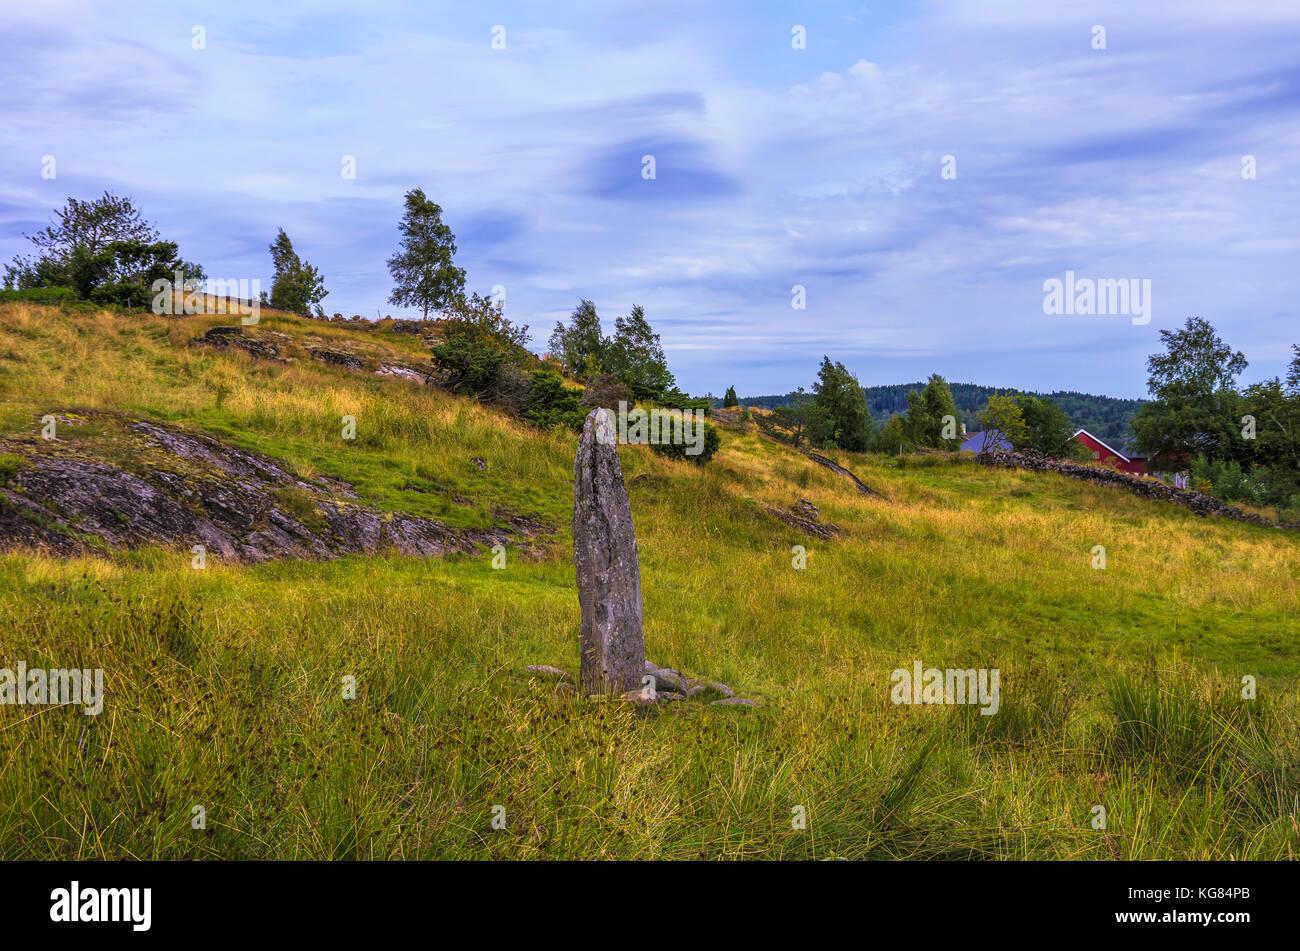 The Hoga rune stone (Hogastenen) on Orust, Bohuslän County, Sweden. - Stock Image